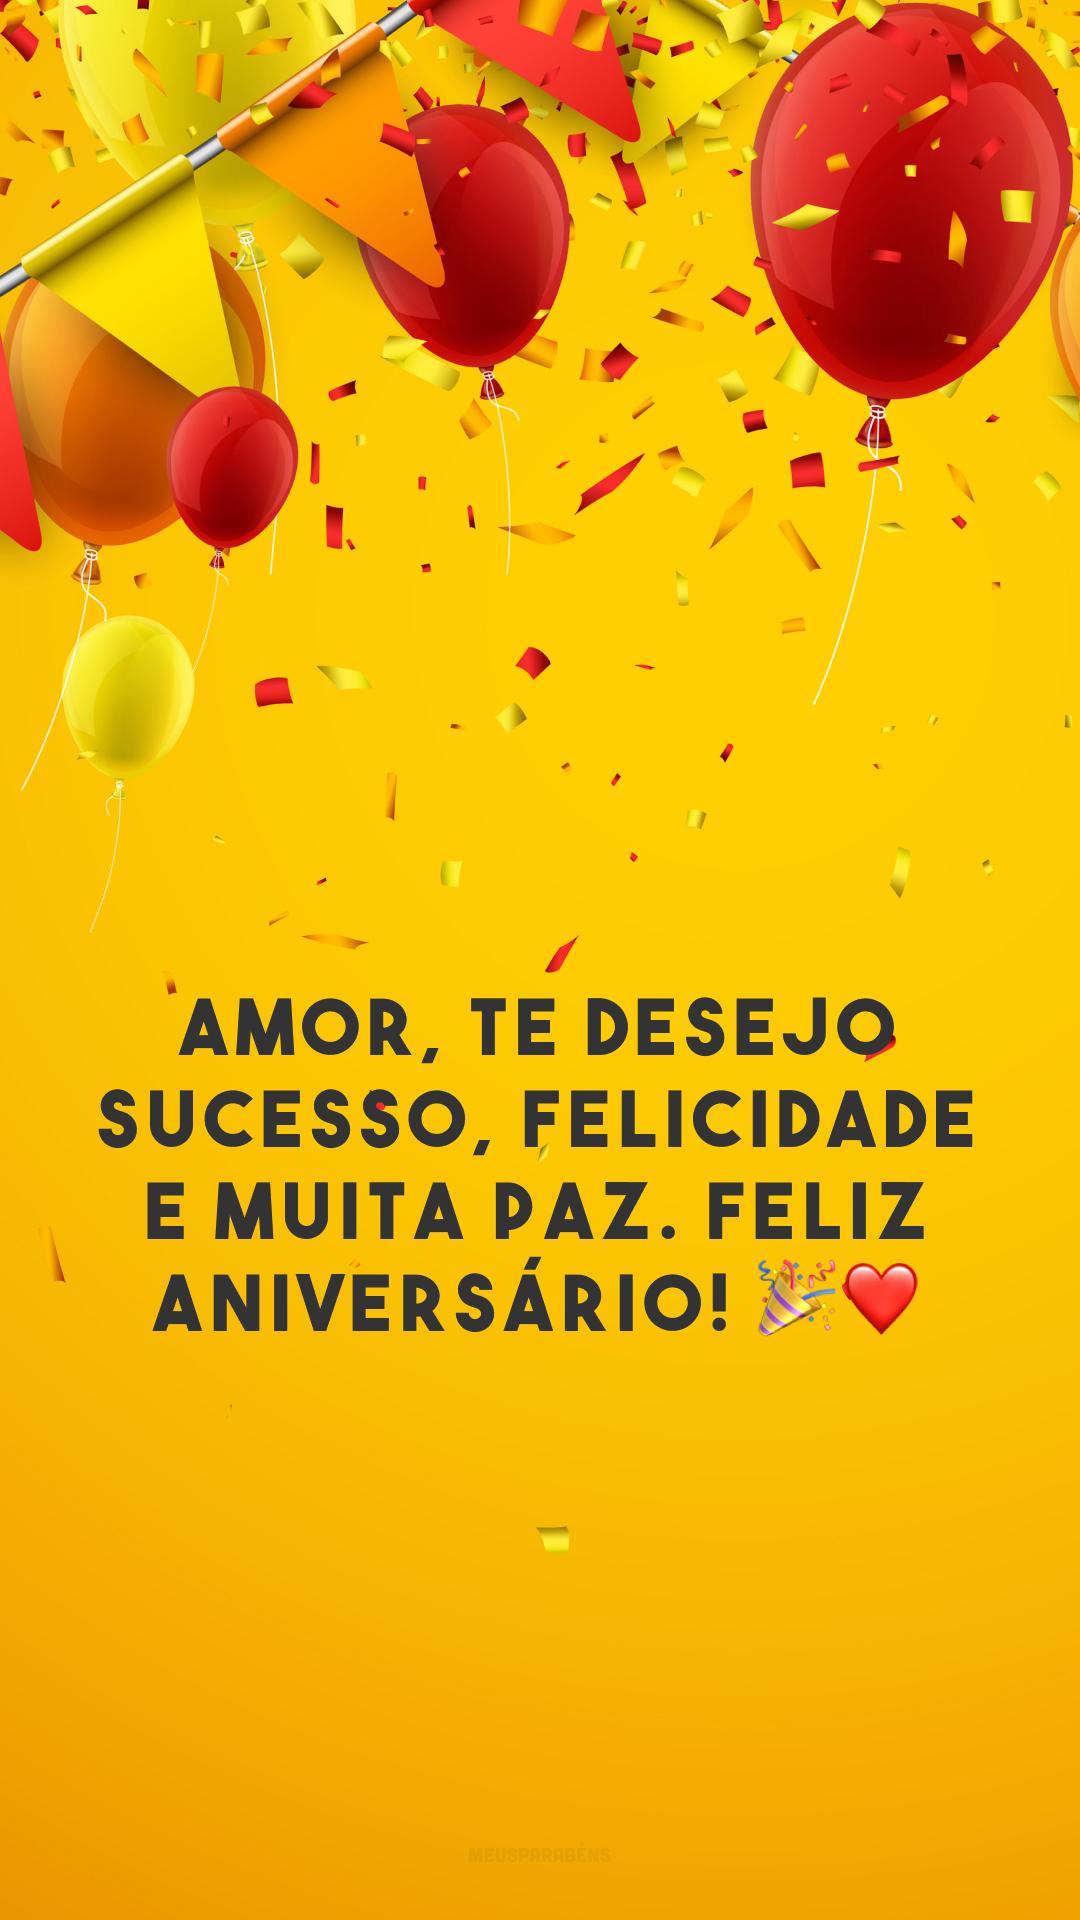 Amor, te desejo sucesso, felicidade e muita paz. Feliz aniversário! 🎉❤️